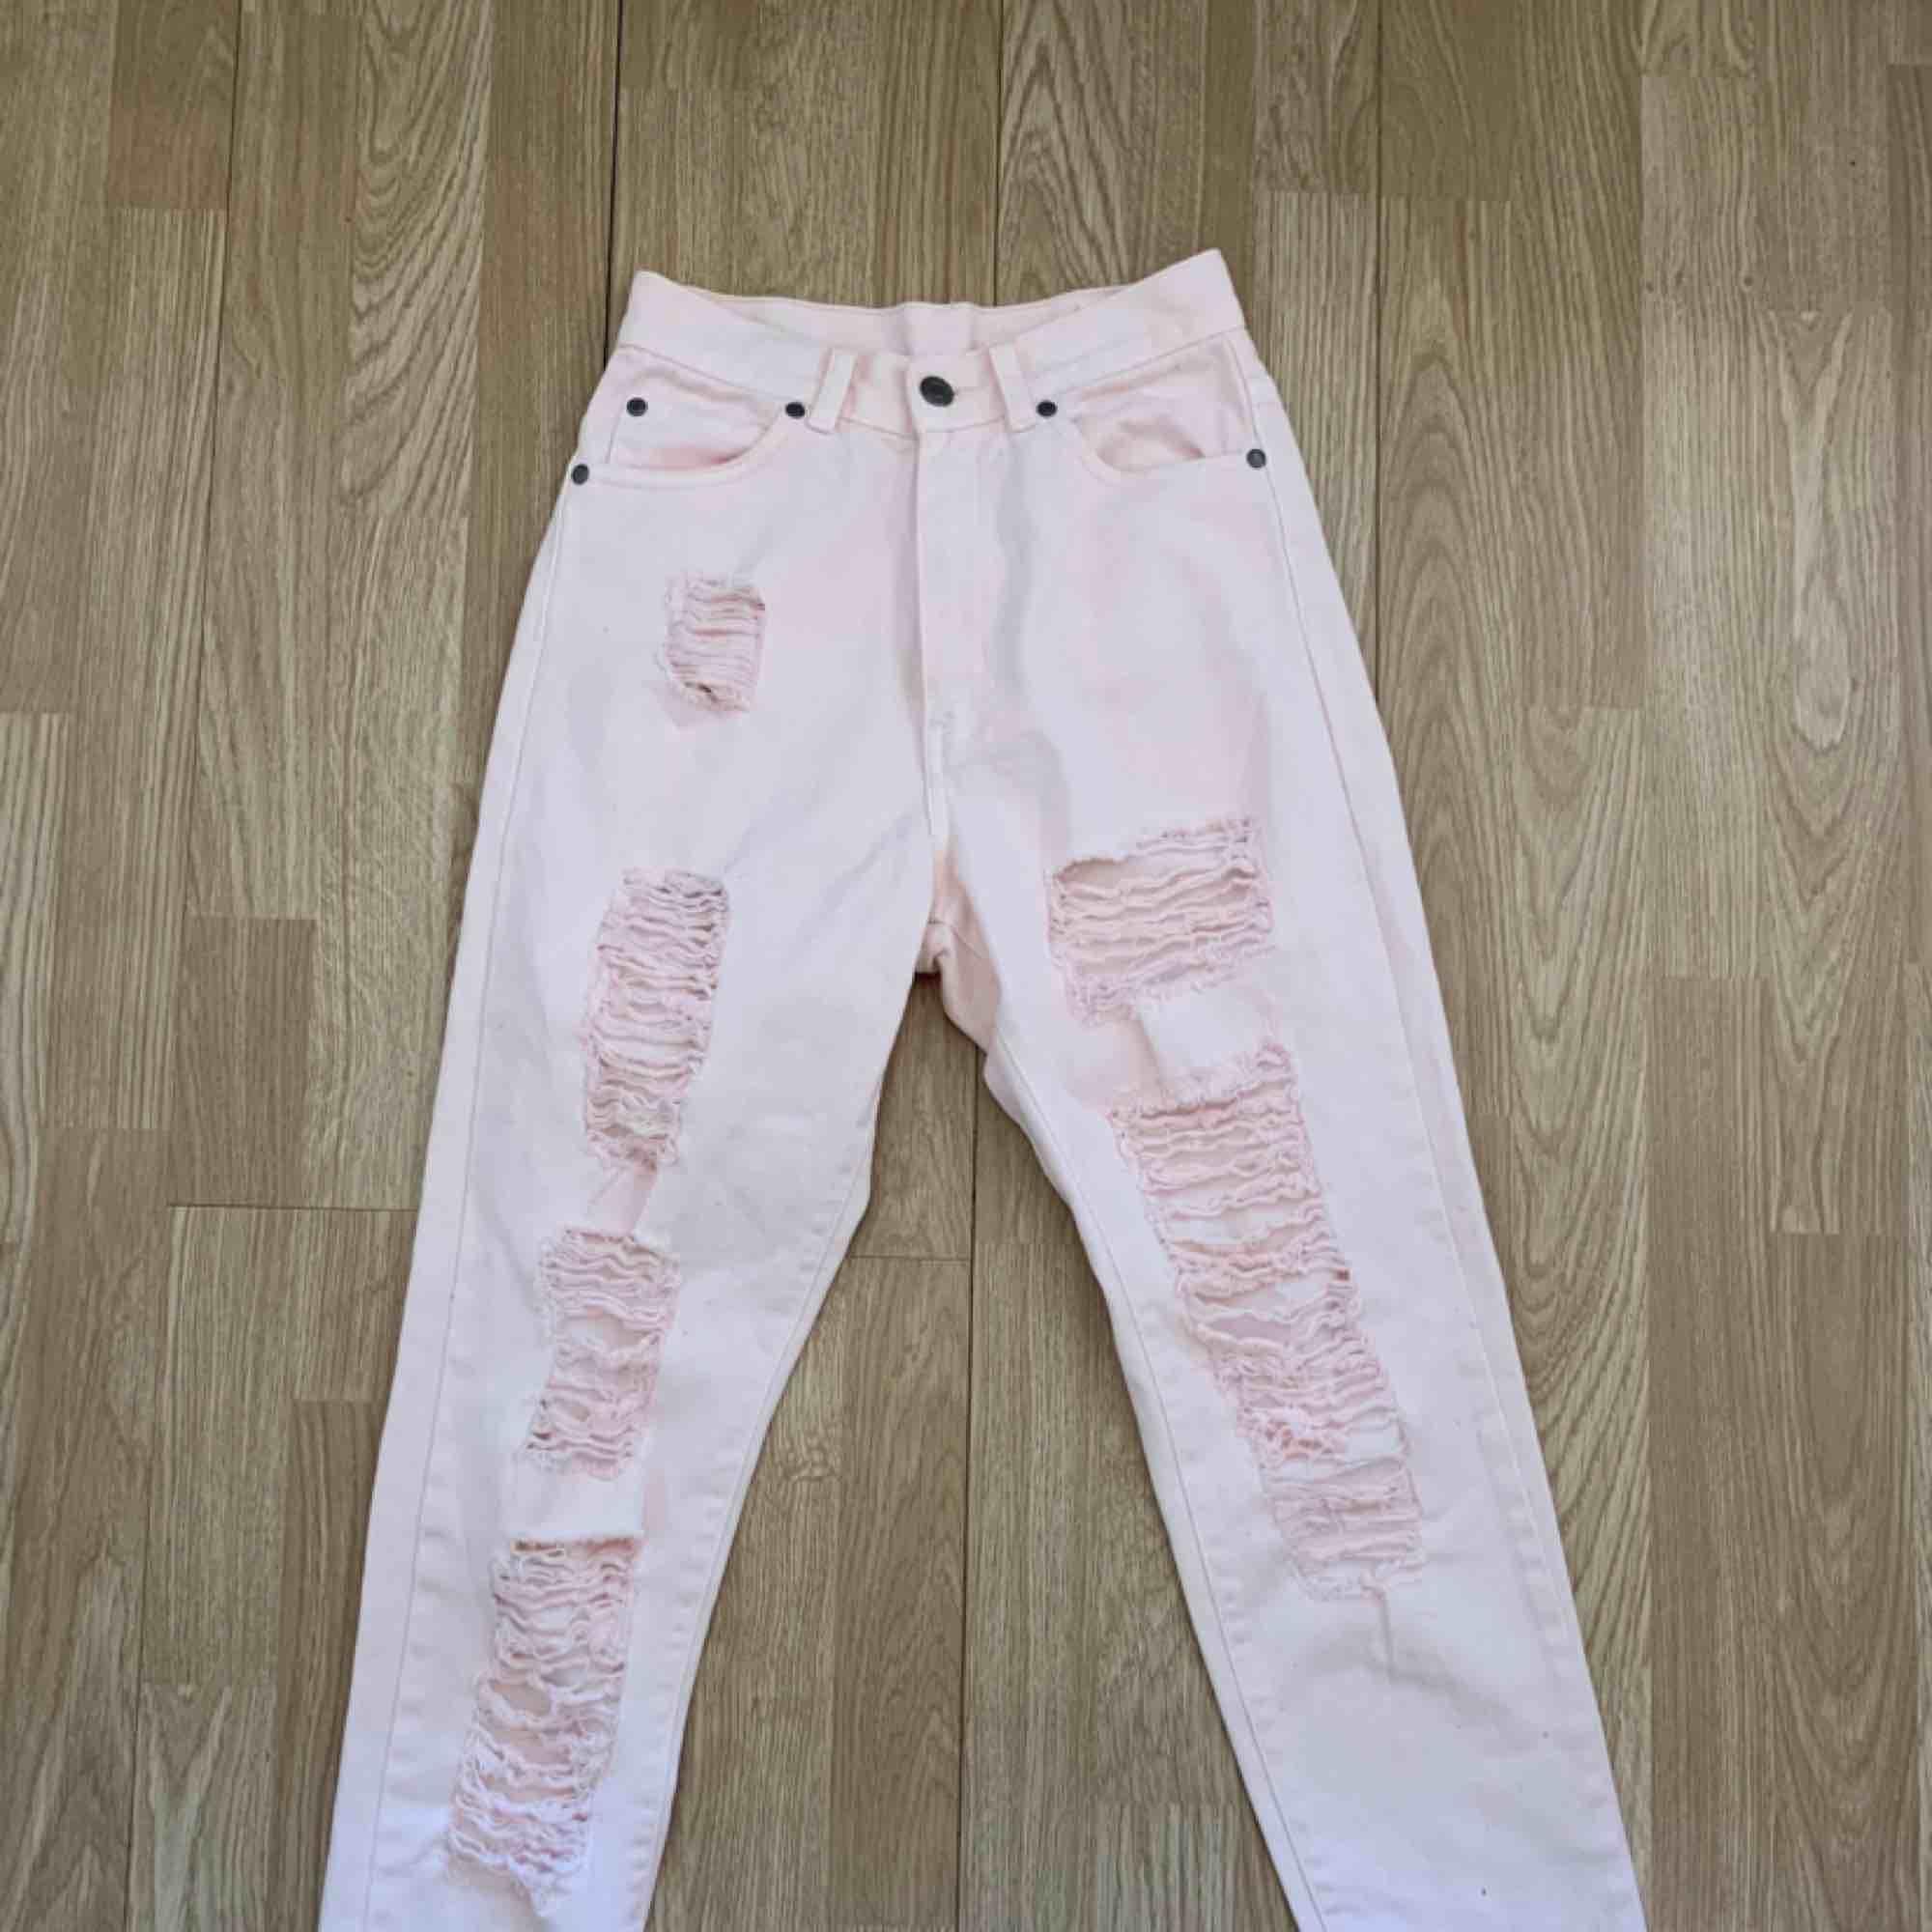 Ljusrosa ripped högmidjade jeans från Dr.denim storlek 25/30(xs / s) i superfint skick. Frakt kostar 55kr extra, postar med videobevis/bildbevis. Jag garanterar en snabb pålitlig affär!✨ ✖️Fraktar endast✖️. Jeans & Byxor.